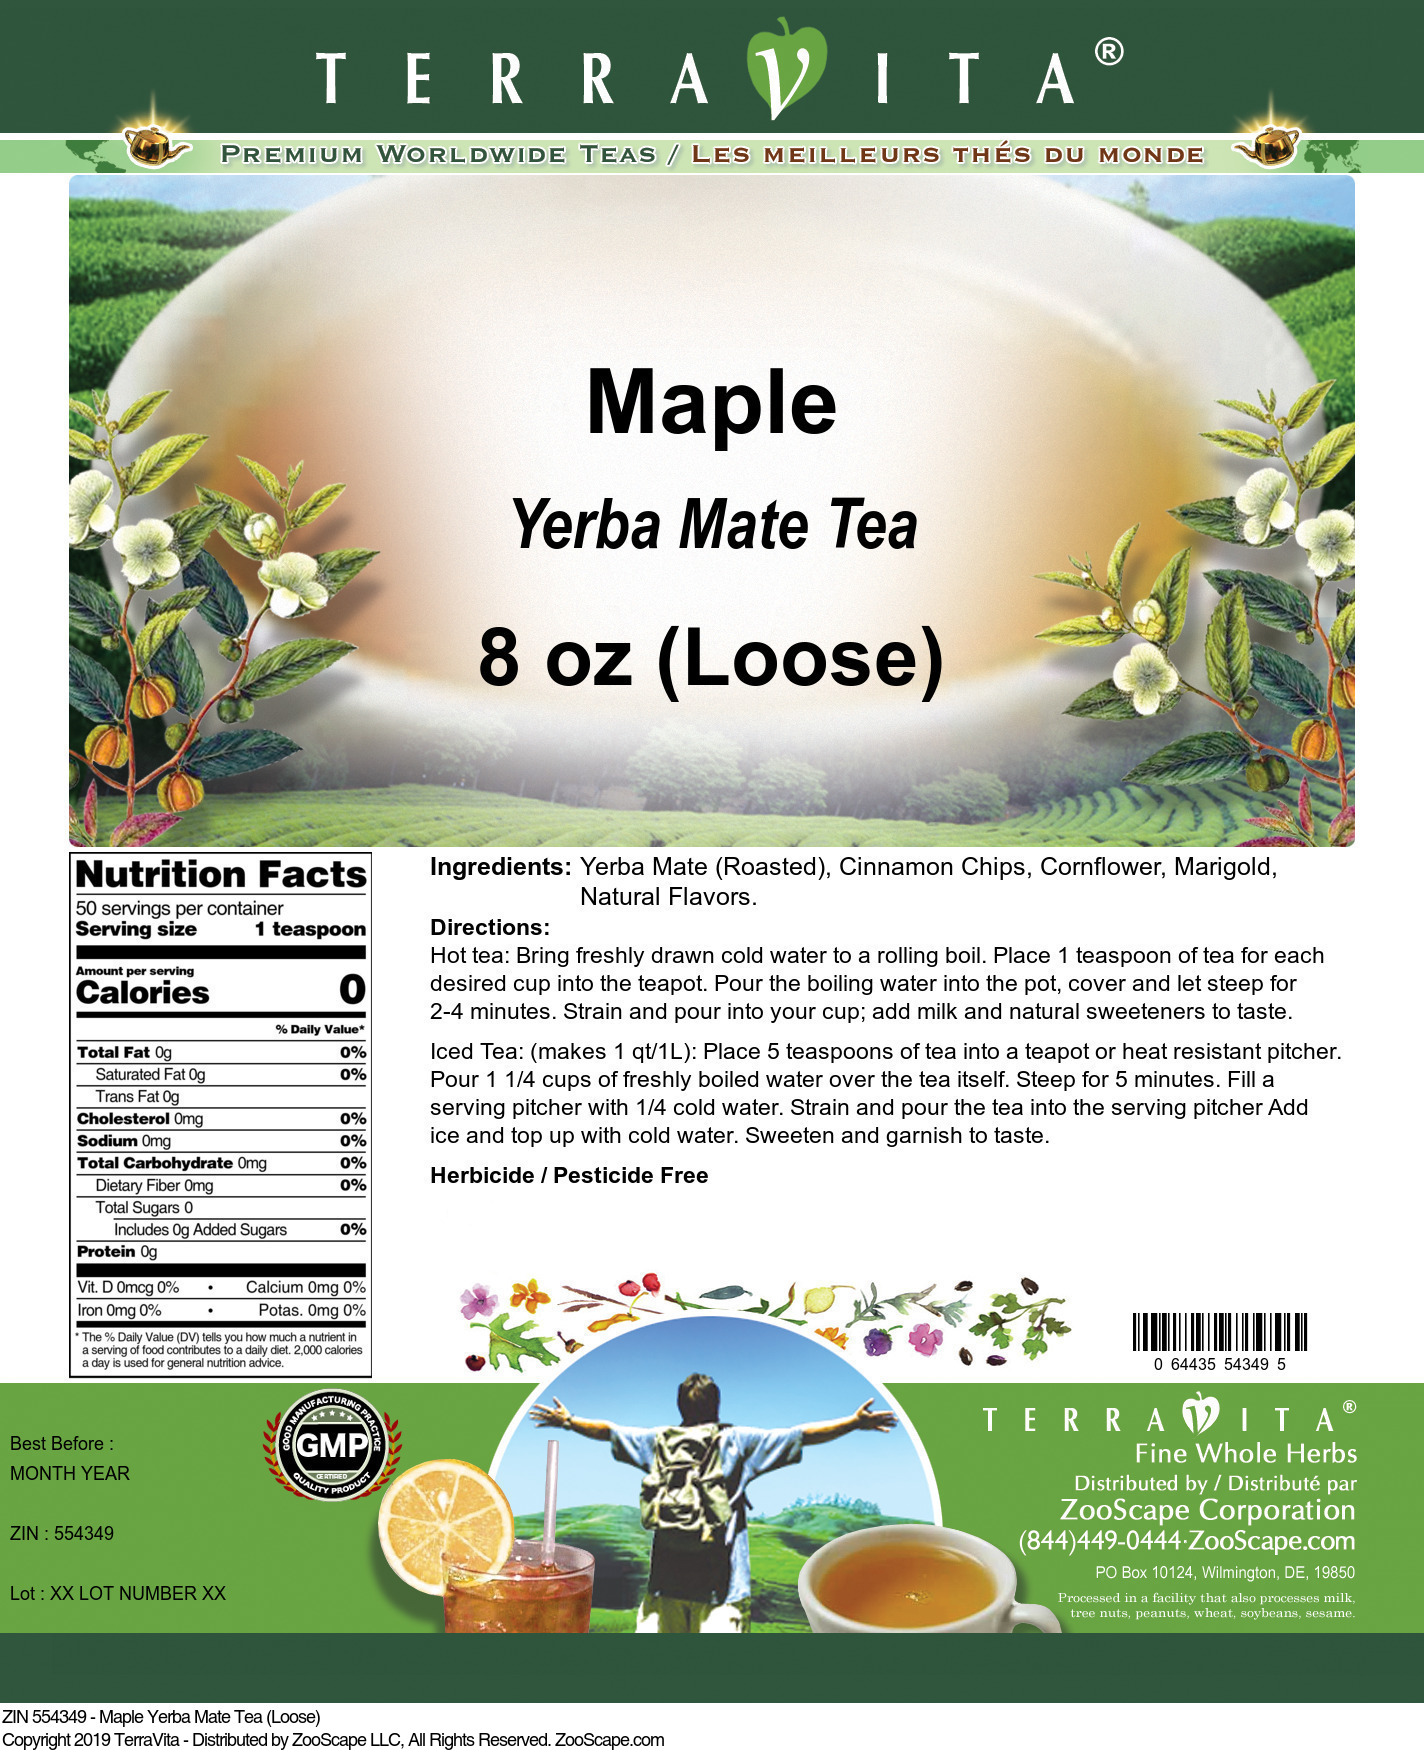 Maple Yerba Mate